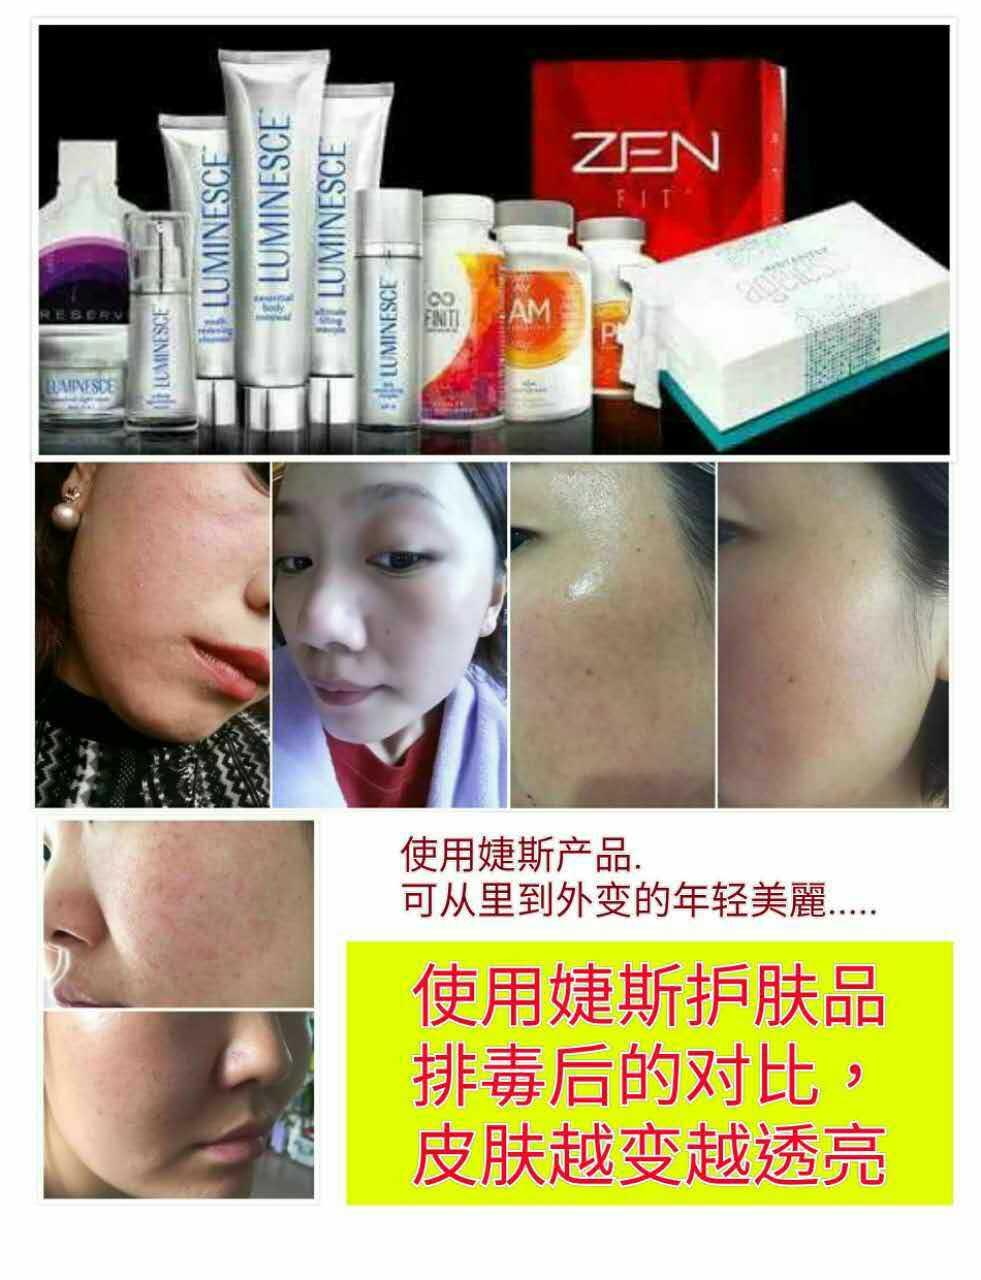 使用LUMINESCE之后,如果你的脸上红肿痒是排毒过程必经之路。